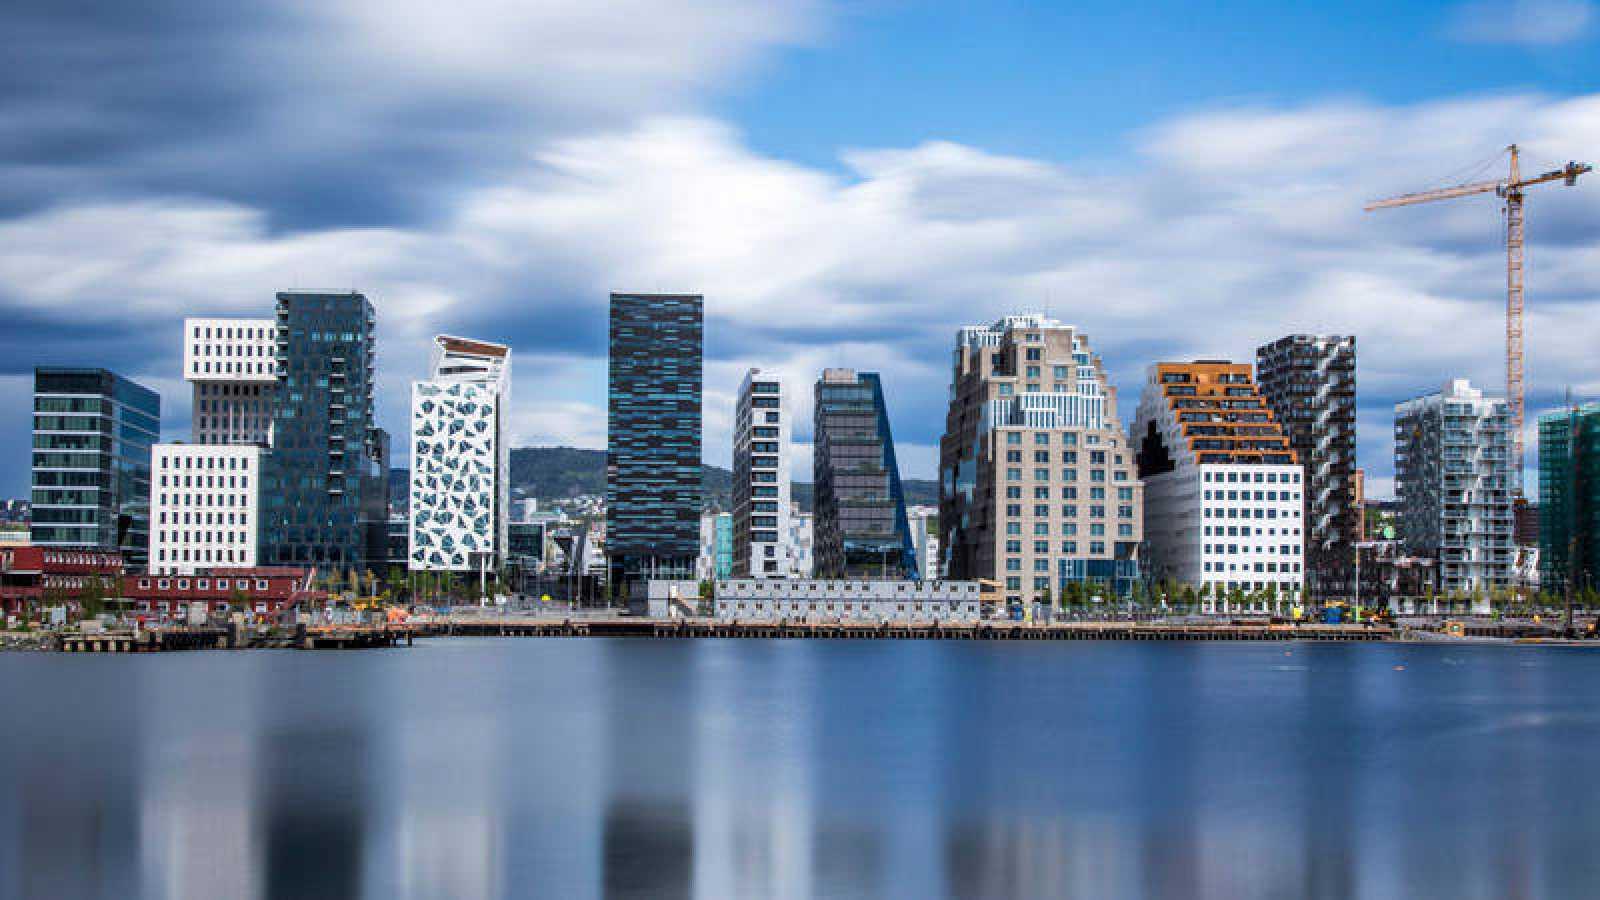 Las delegaciones se han reunido en un lugar secreto en Oslo